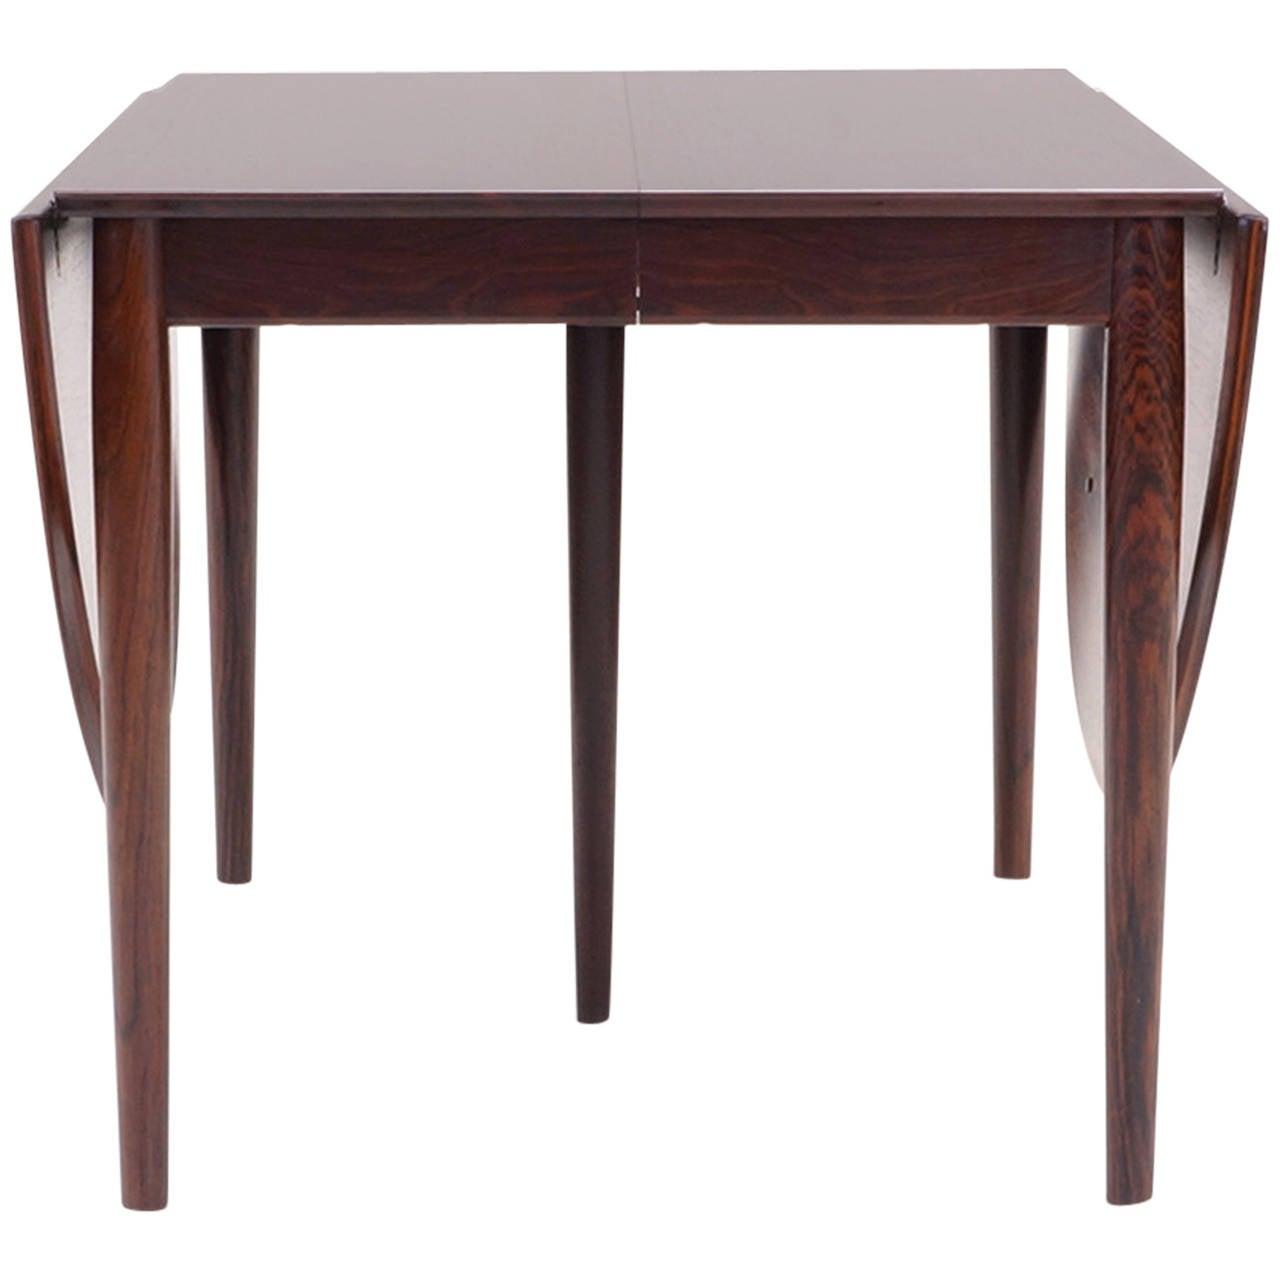 Arne Vodder Rosewood Drop Leaf Dining Table at 1stdibs : 2832702l from www.1stdibs.com size 1280 x 1280 jpeg 67kB